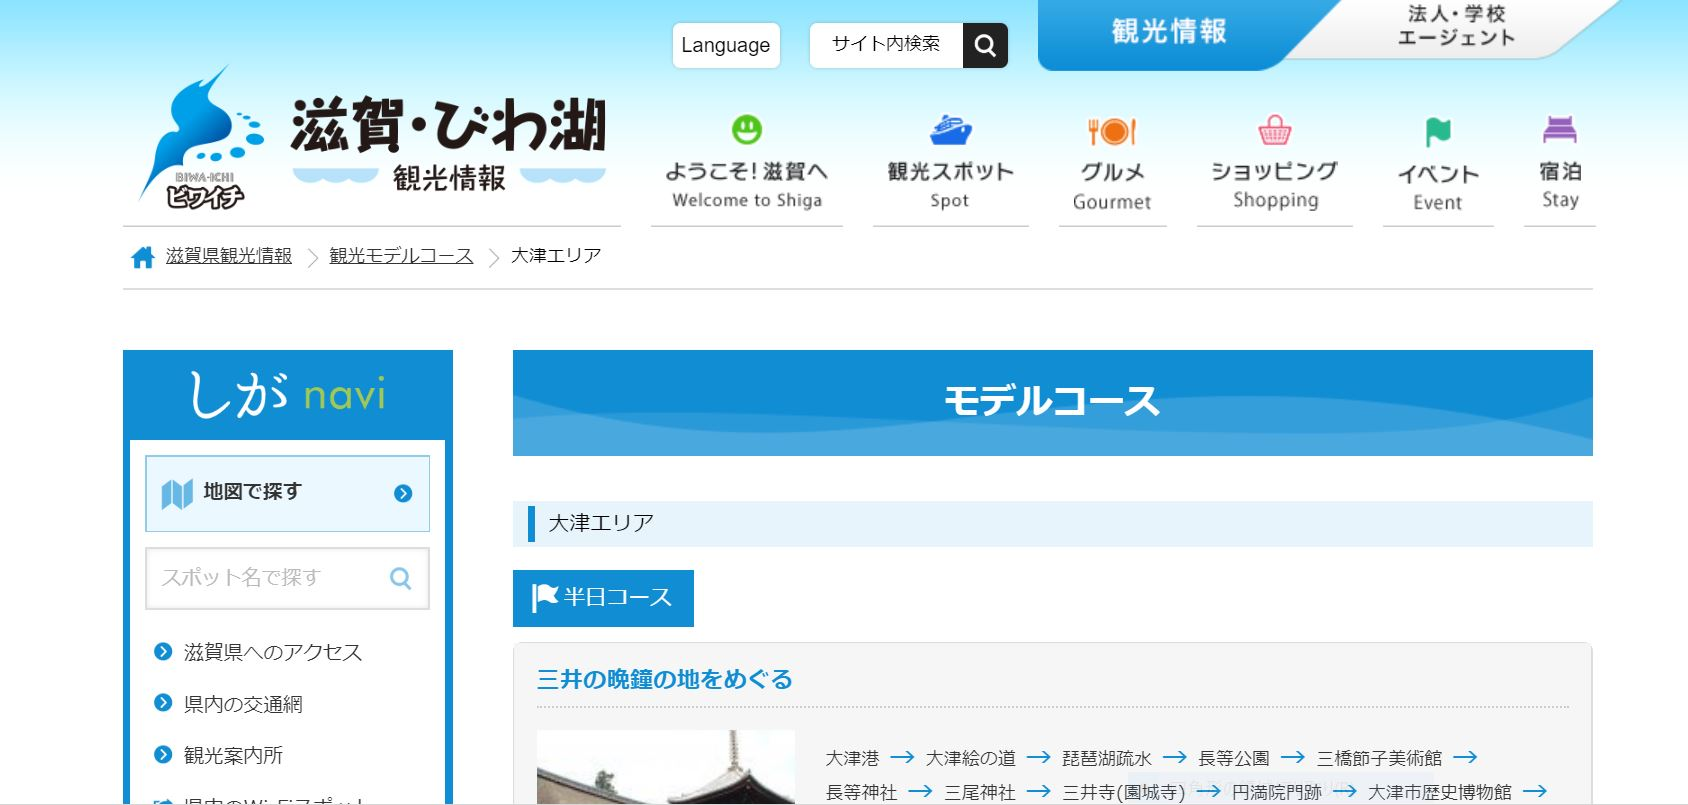 滋賀県、NHK大河ドラマ「麒麟がくる」ゆかりの地で旅行者誘致へ、「明智光秀」が築城した坂本城や明智塚など打ち出し